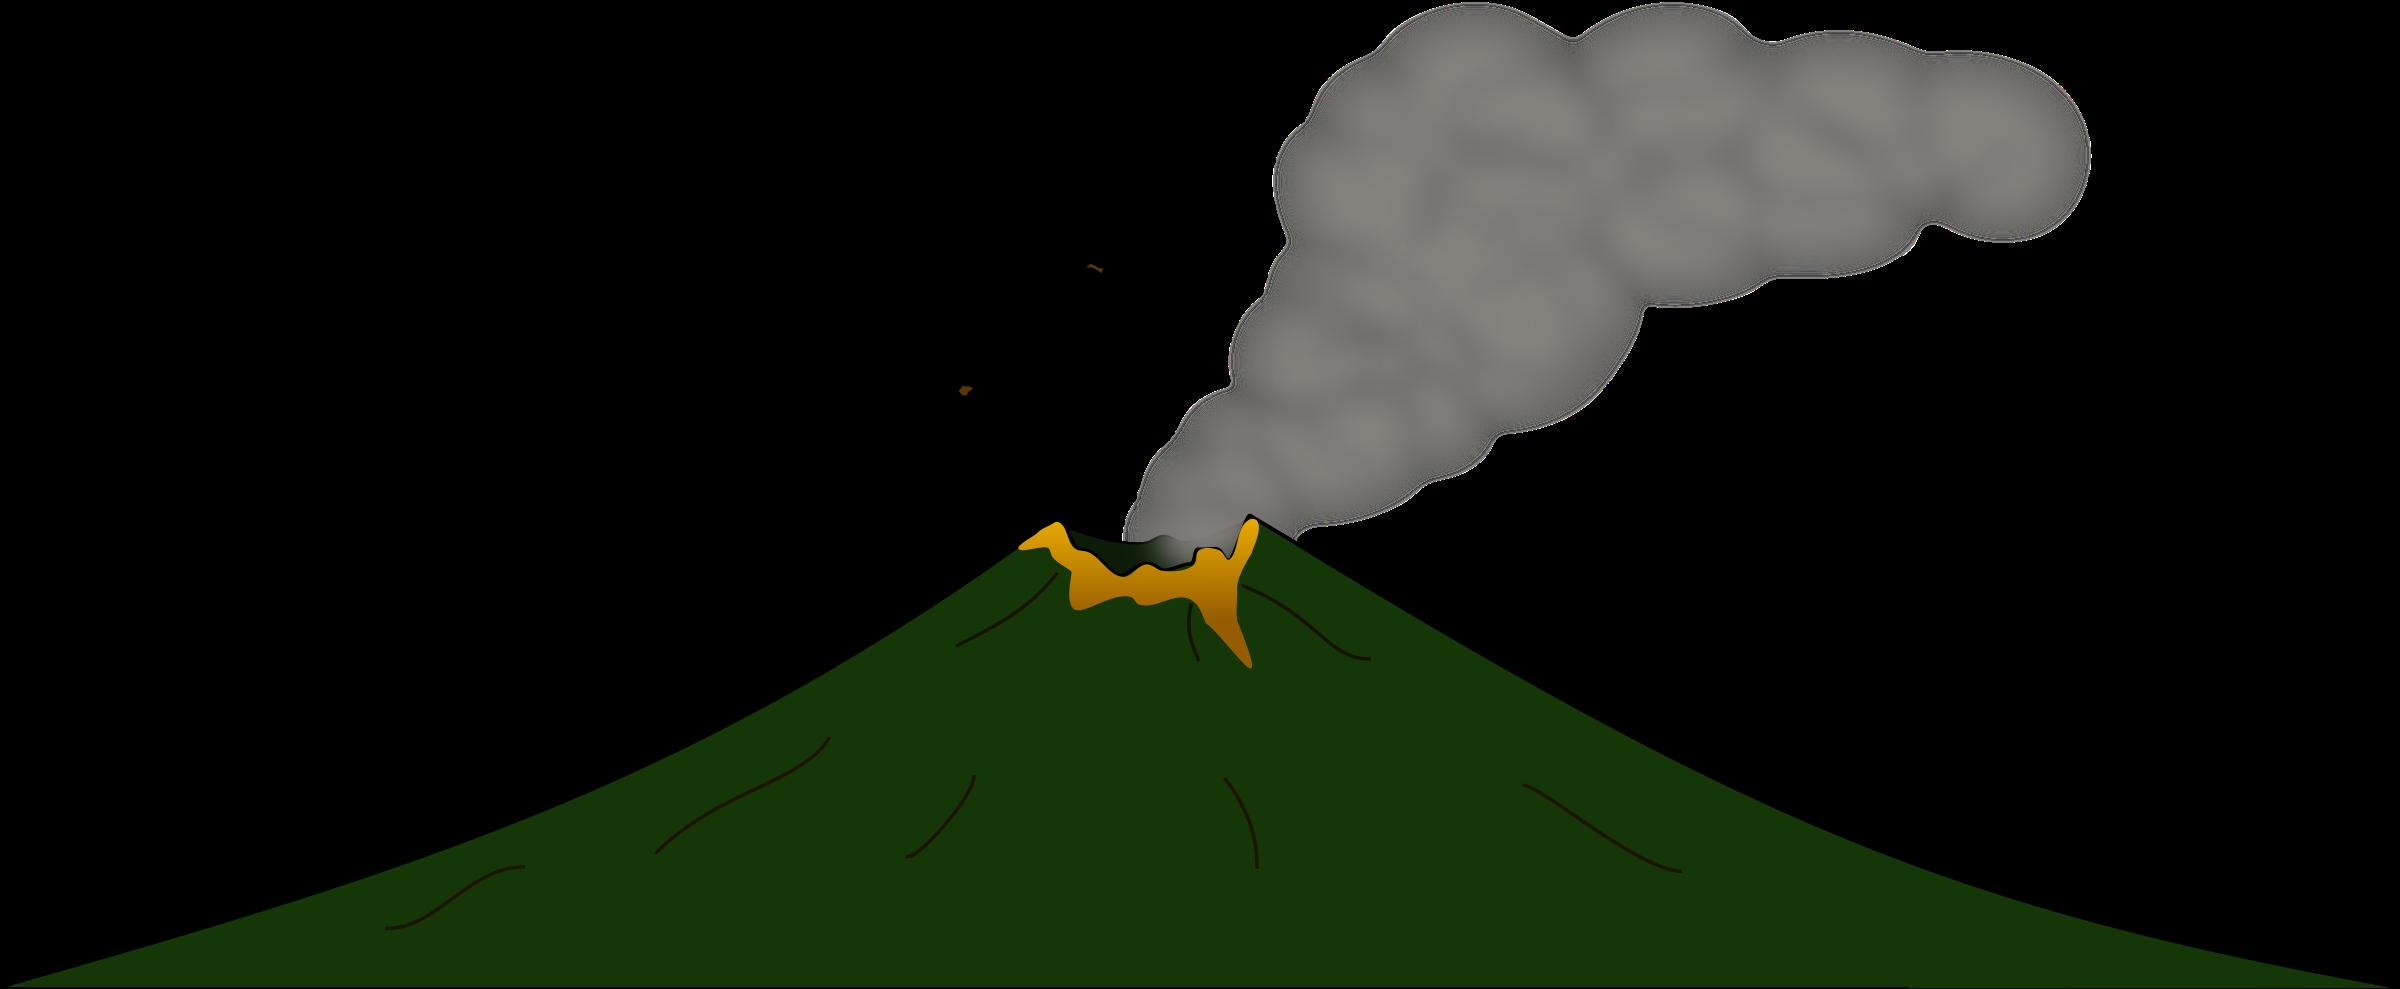 2400x989 Volcano Clipart Big